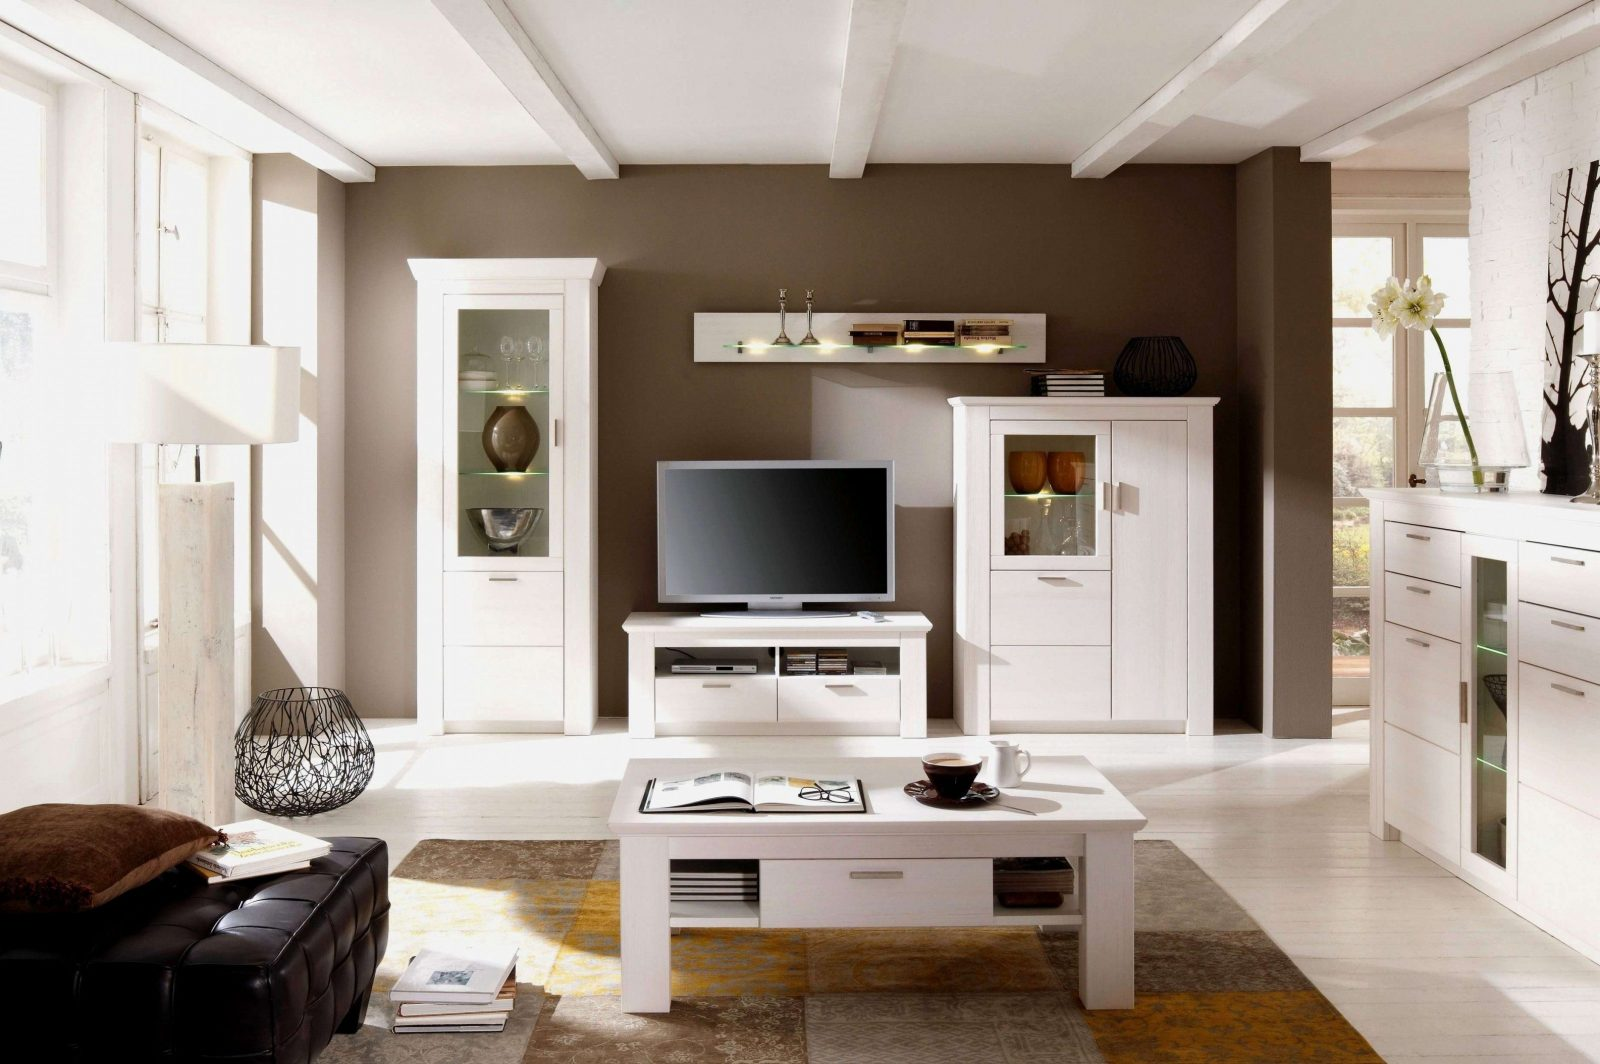 fantastische ideen wandfarbe wohnzimmer dunkle m bel und brillant von wandfarbe wohnzimmer. Black Bedroom Furniture Sets. Home Design Ideas